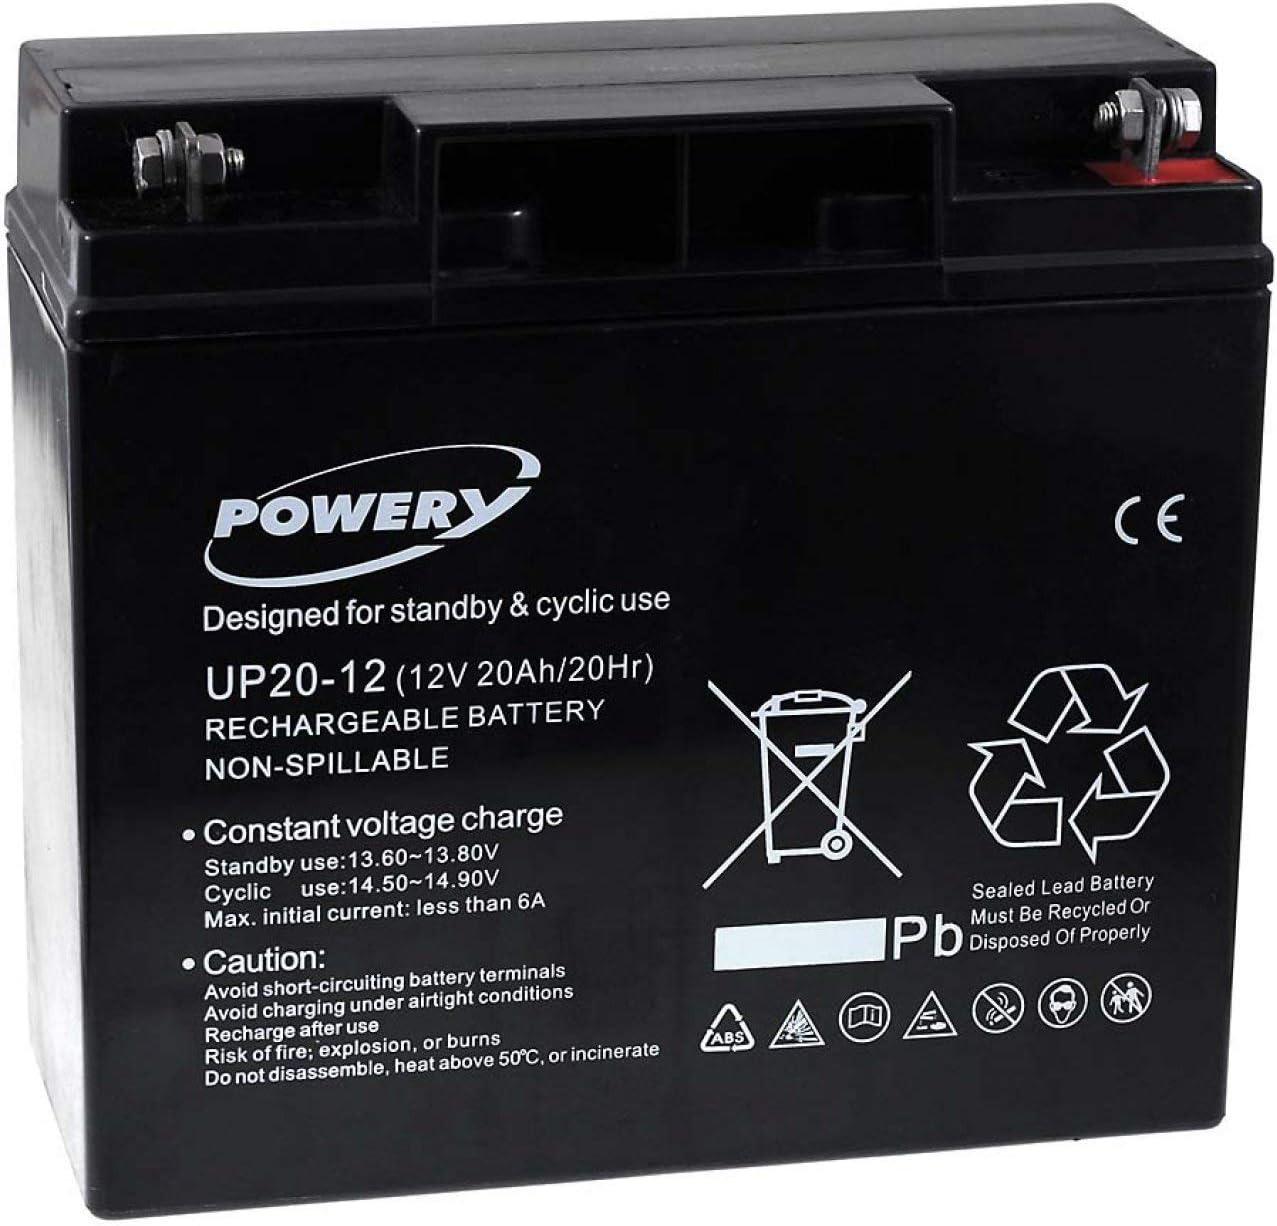 Powery Batería de GEL UP20-12 12V 20Ah (Reemplaza también 18Ah)